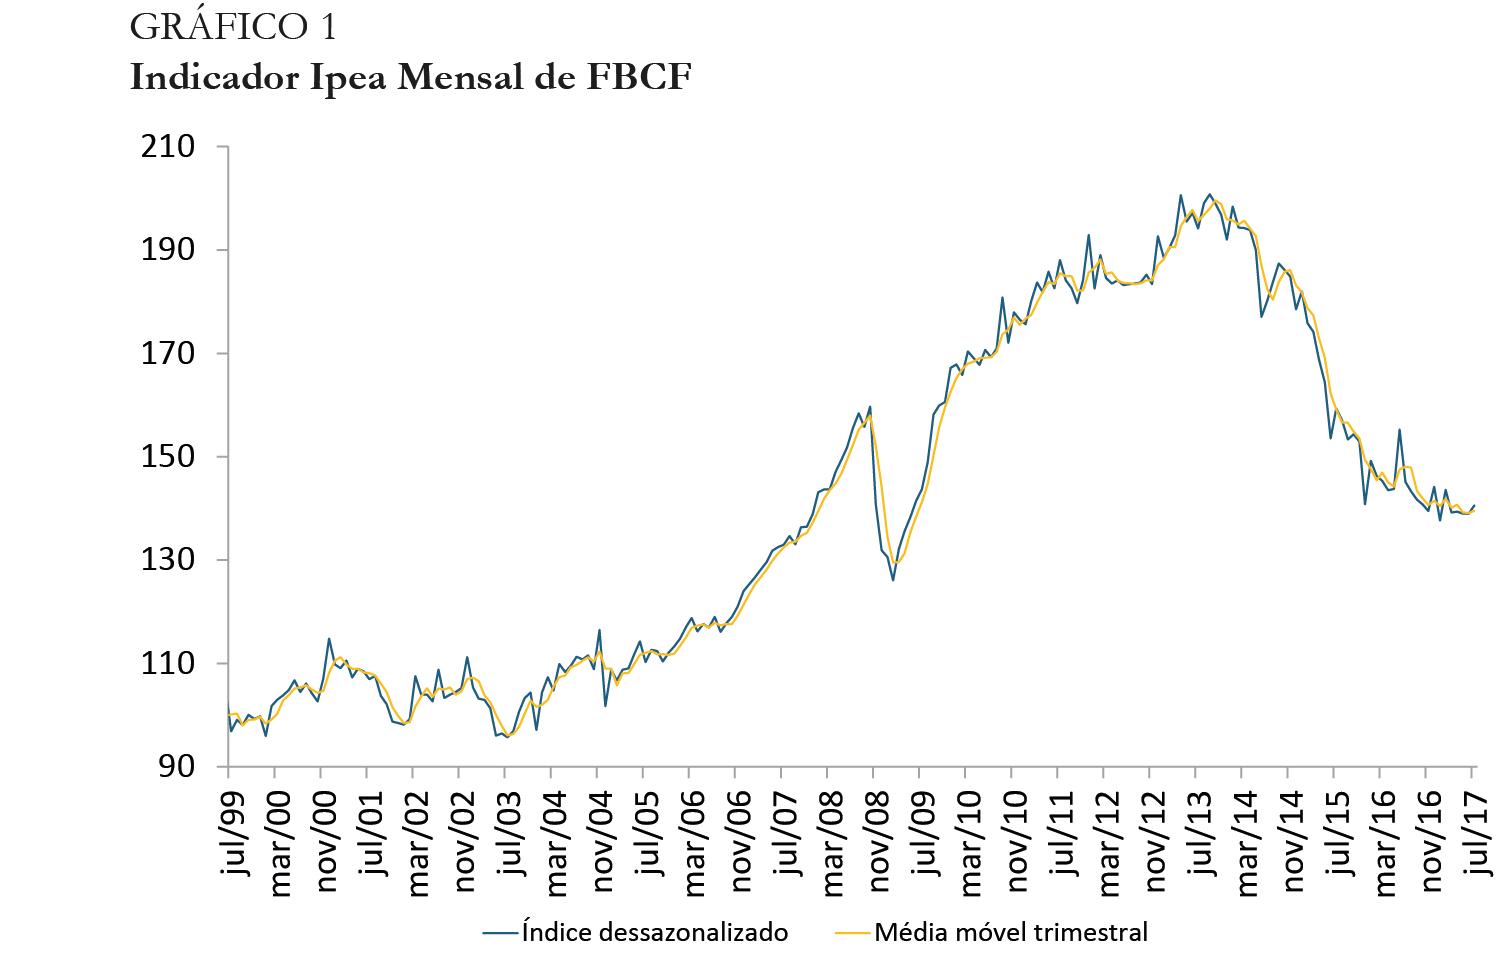 Gráfico indicador Ipea FBCF jul17